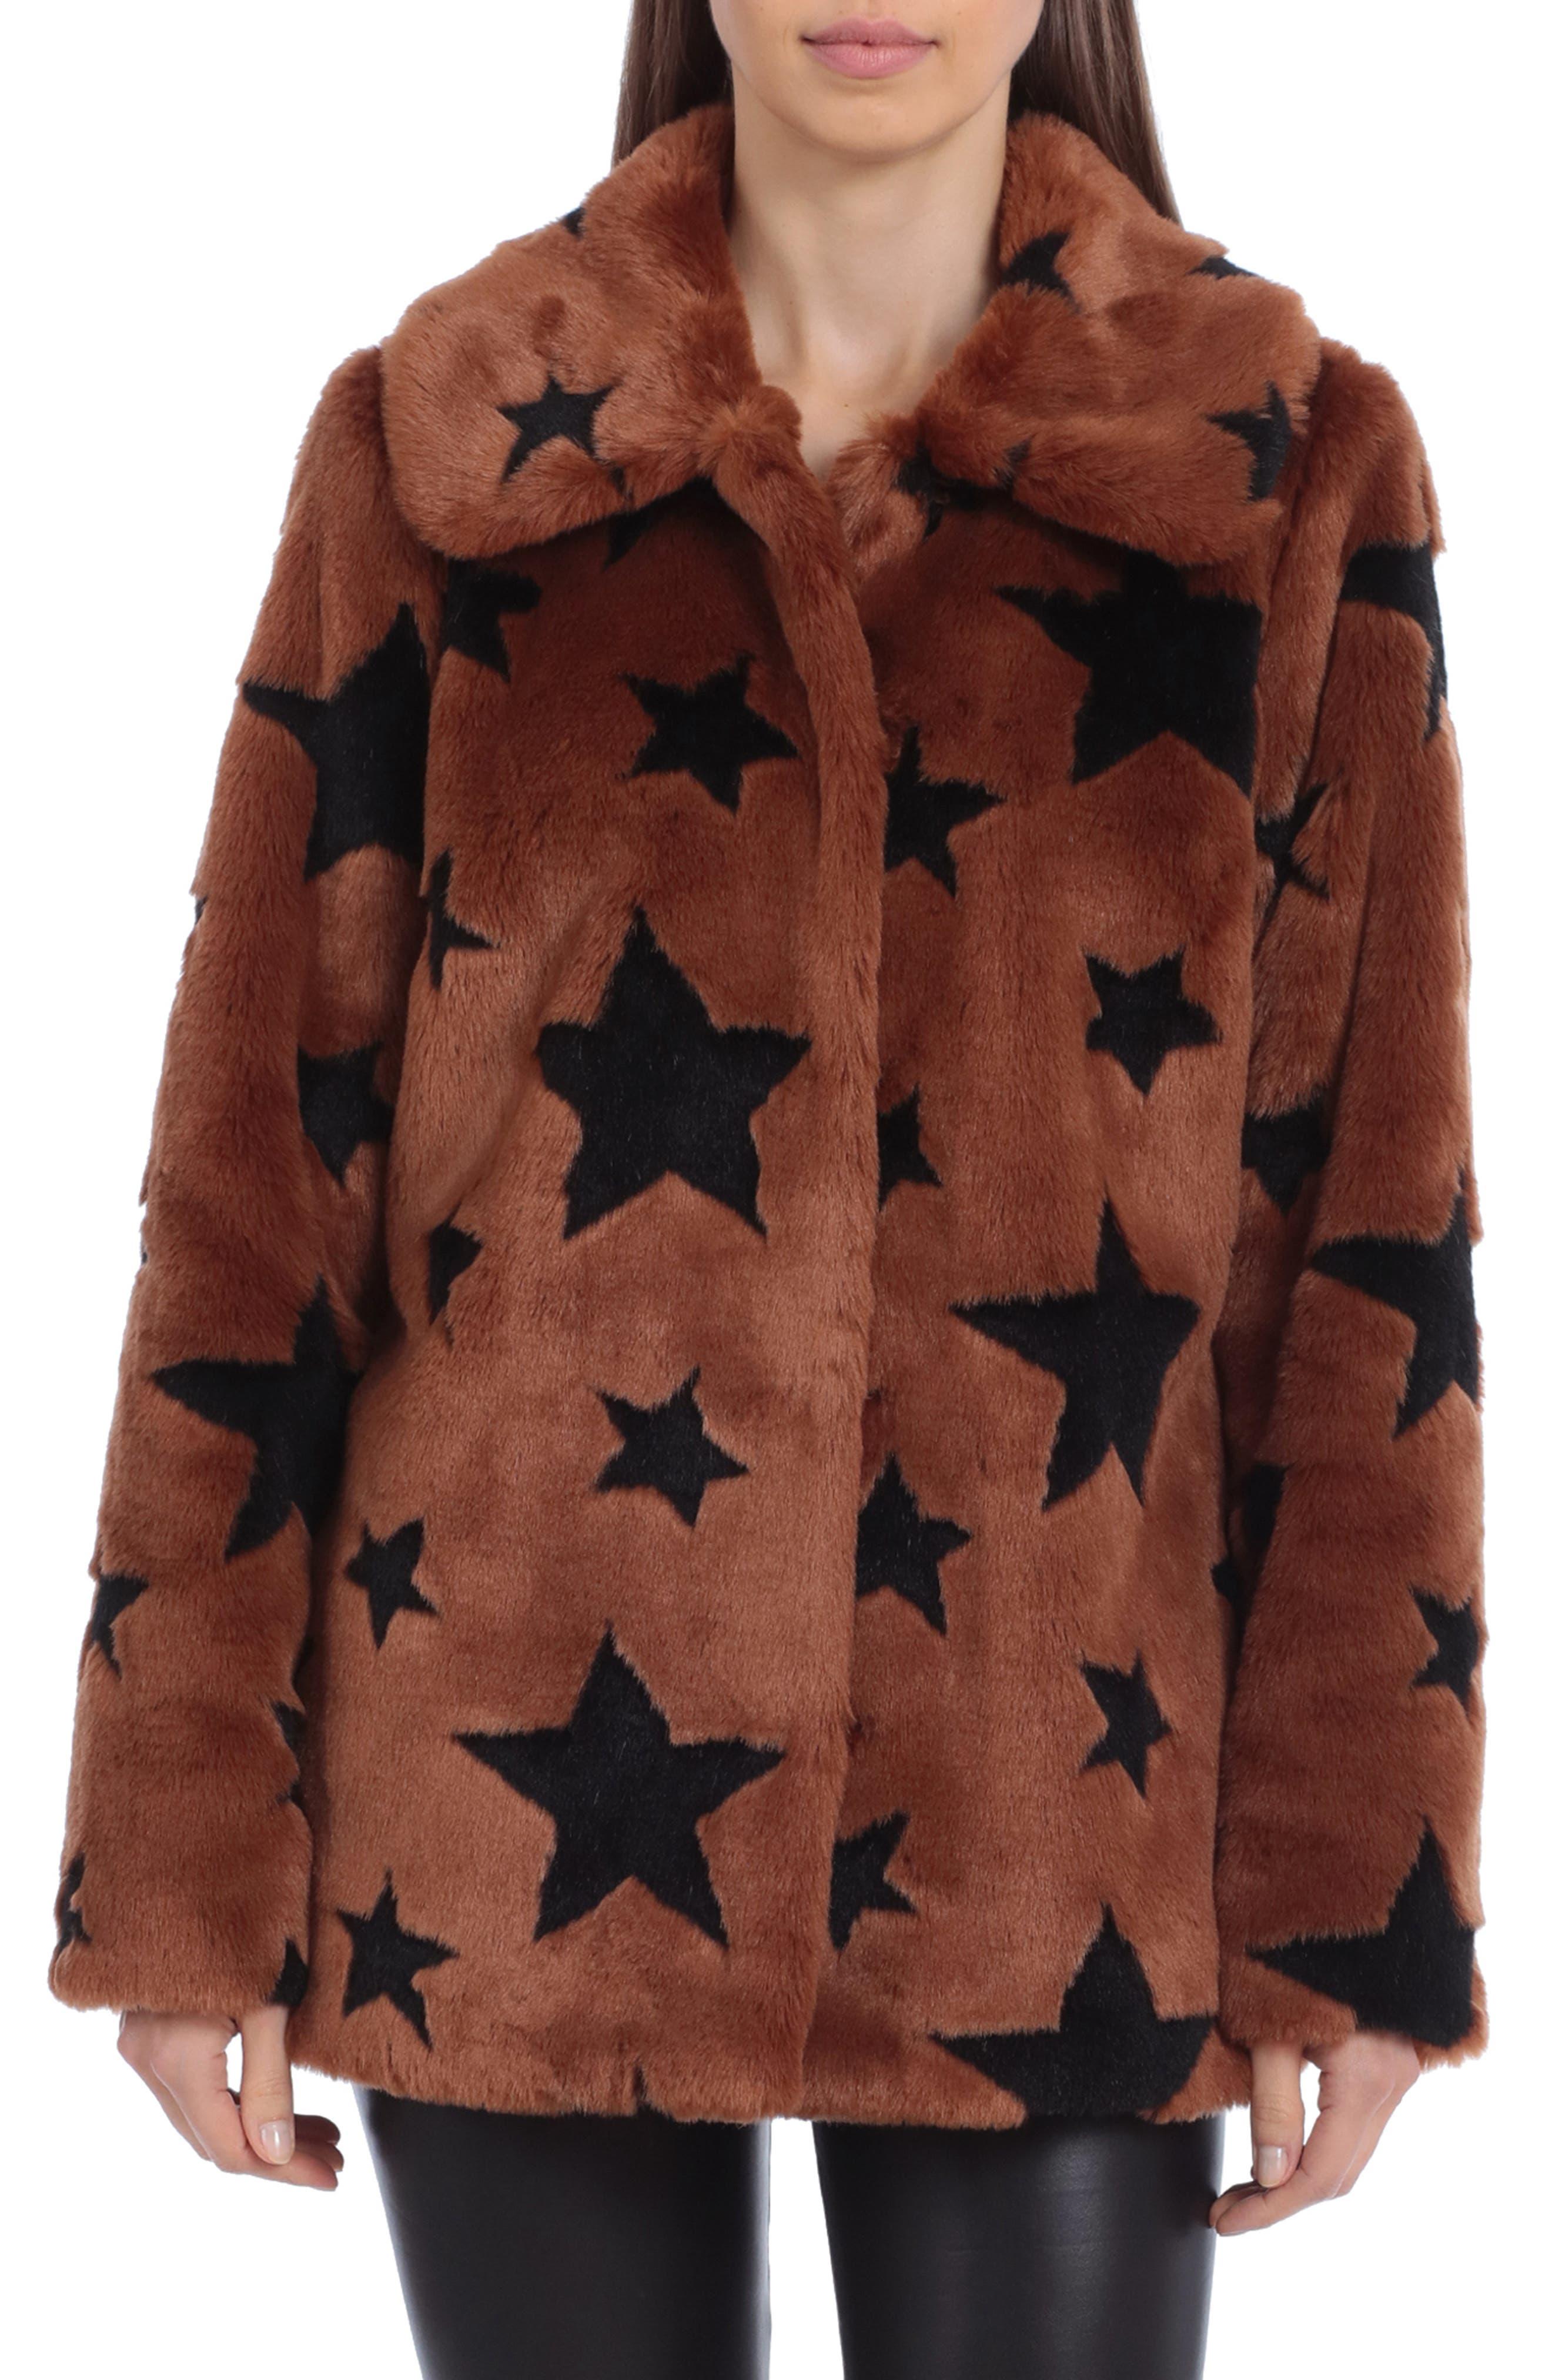 Star Print Faux Fur Coat